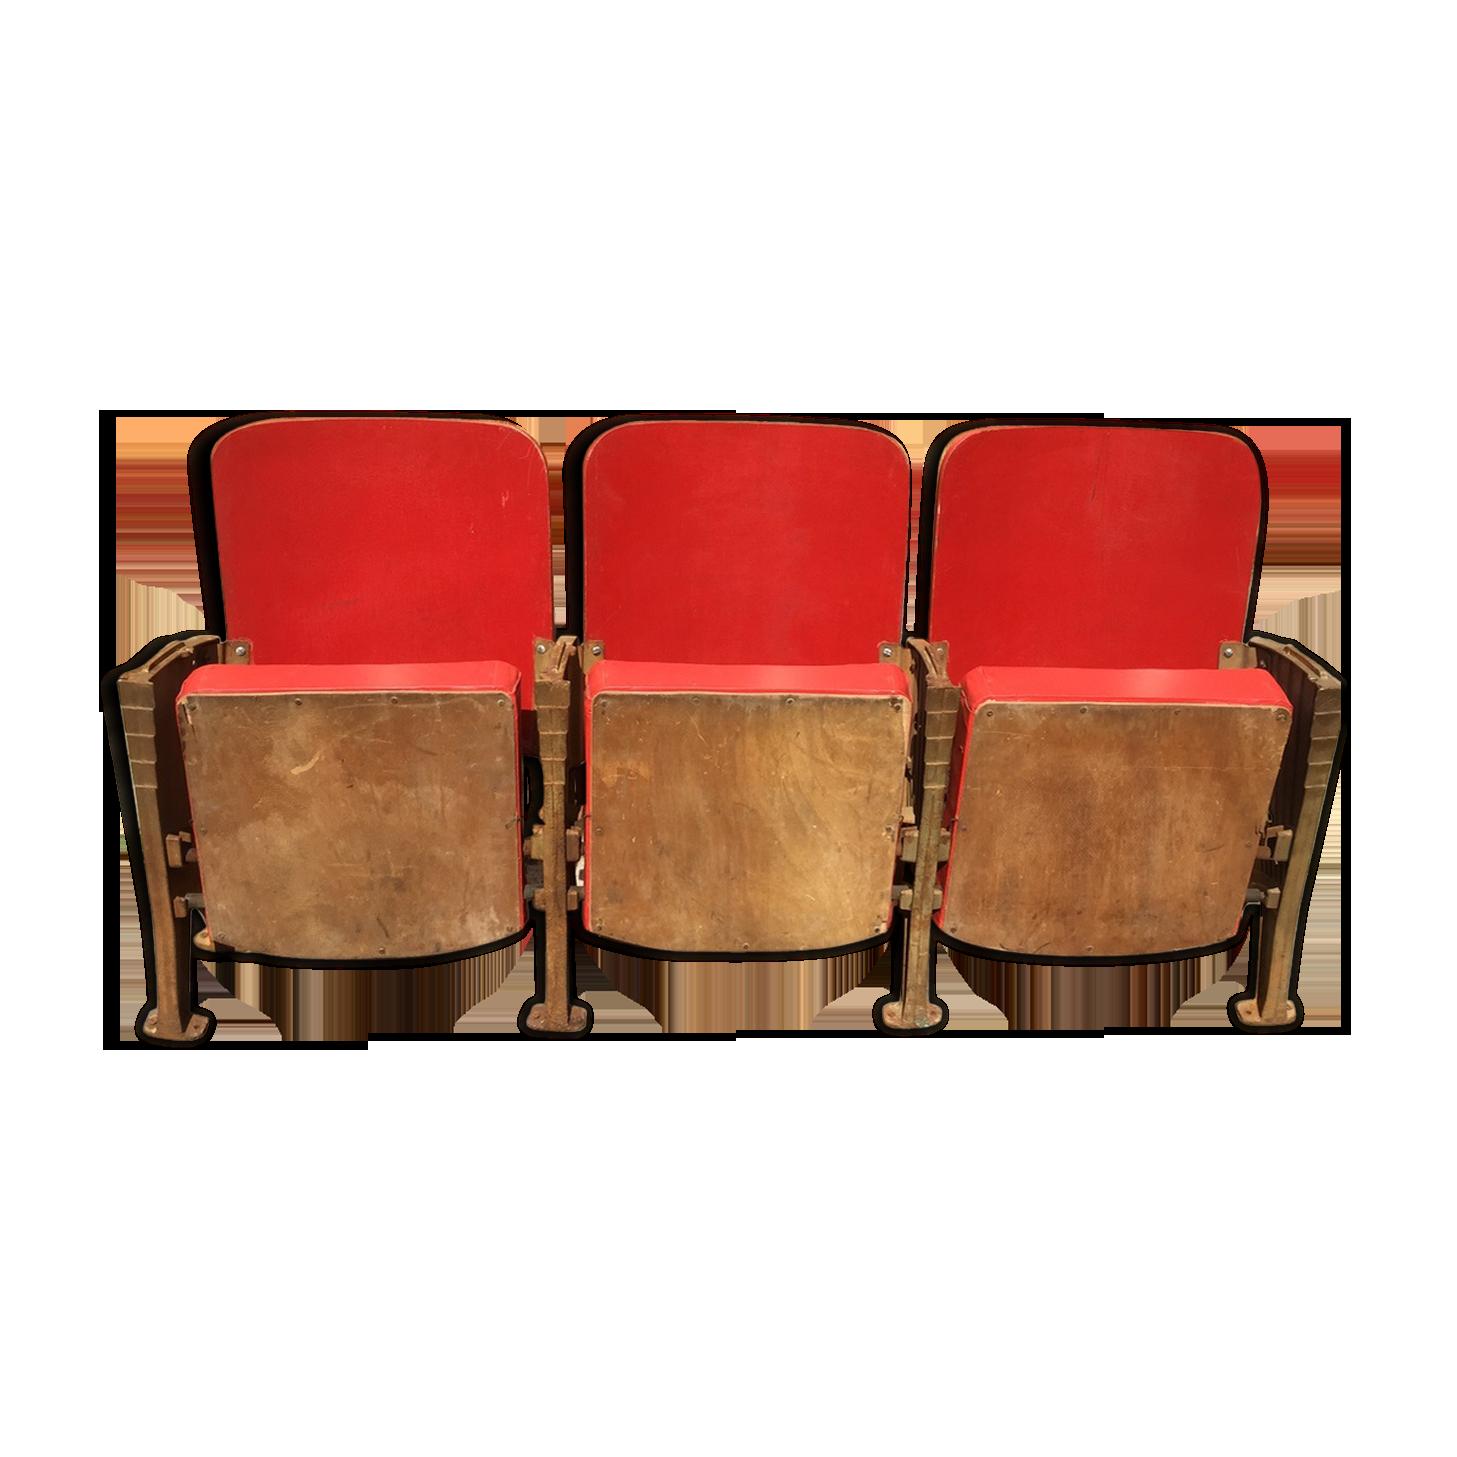 Banquette de cinéma sièges rouges skaï et bois pieds art déco